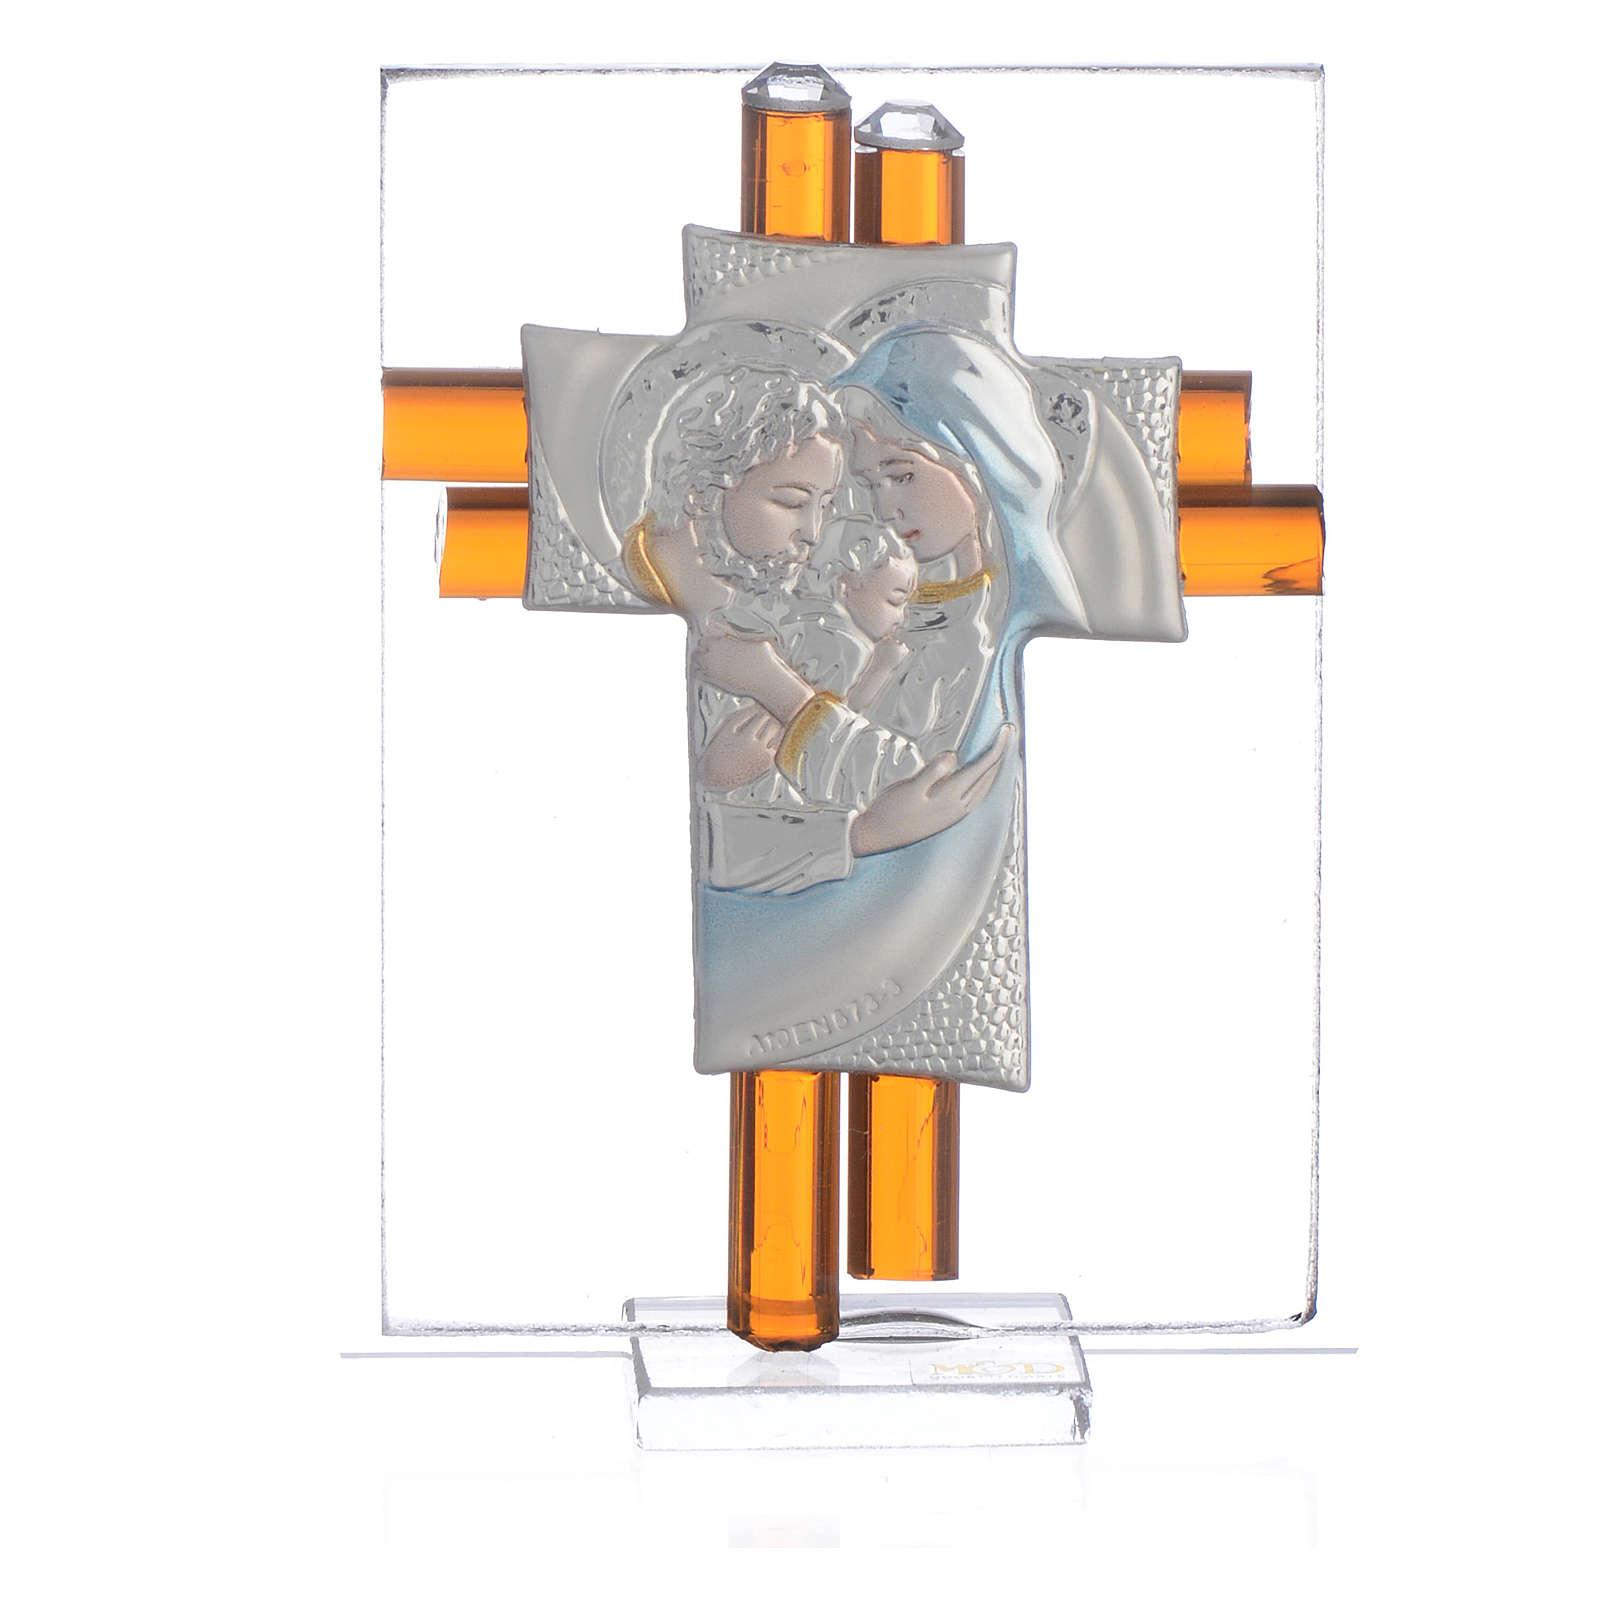 Cruz S. Família vidro Murano âmbar e prata h 8 cm 3